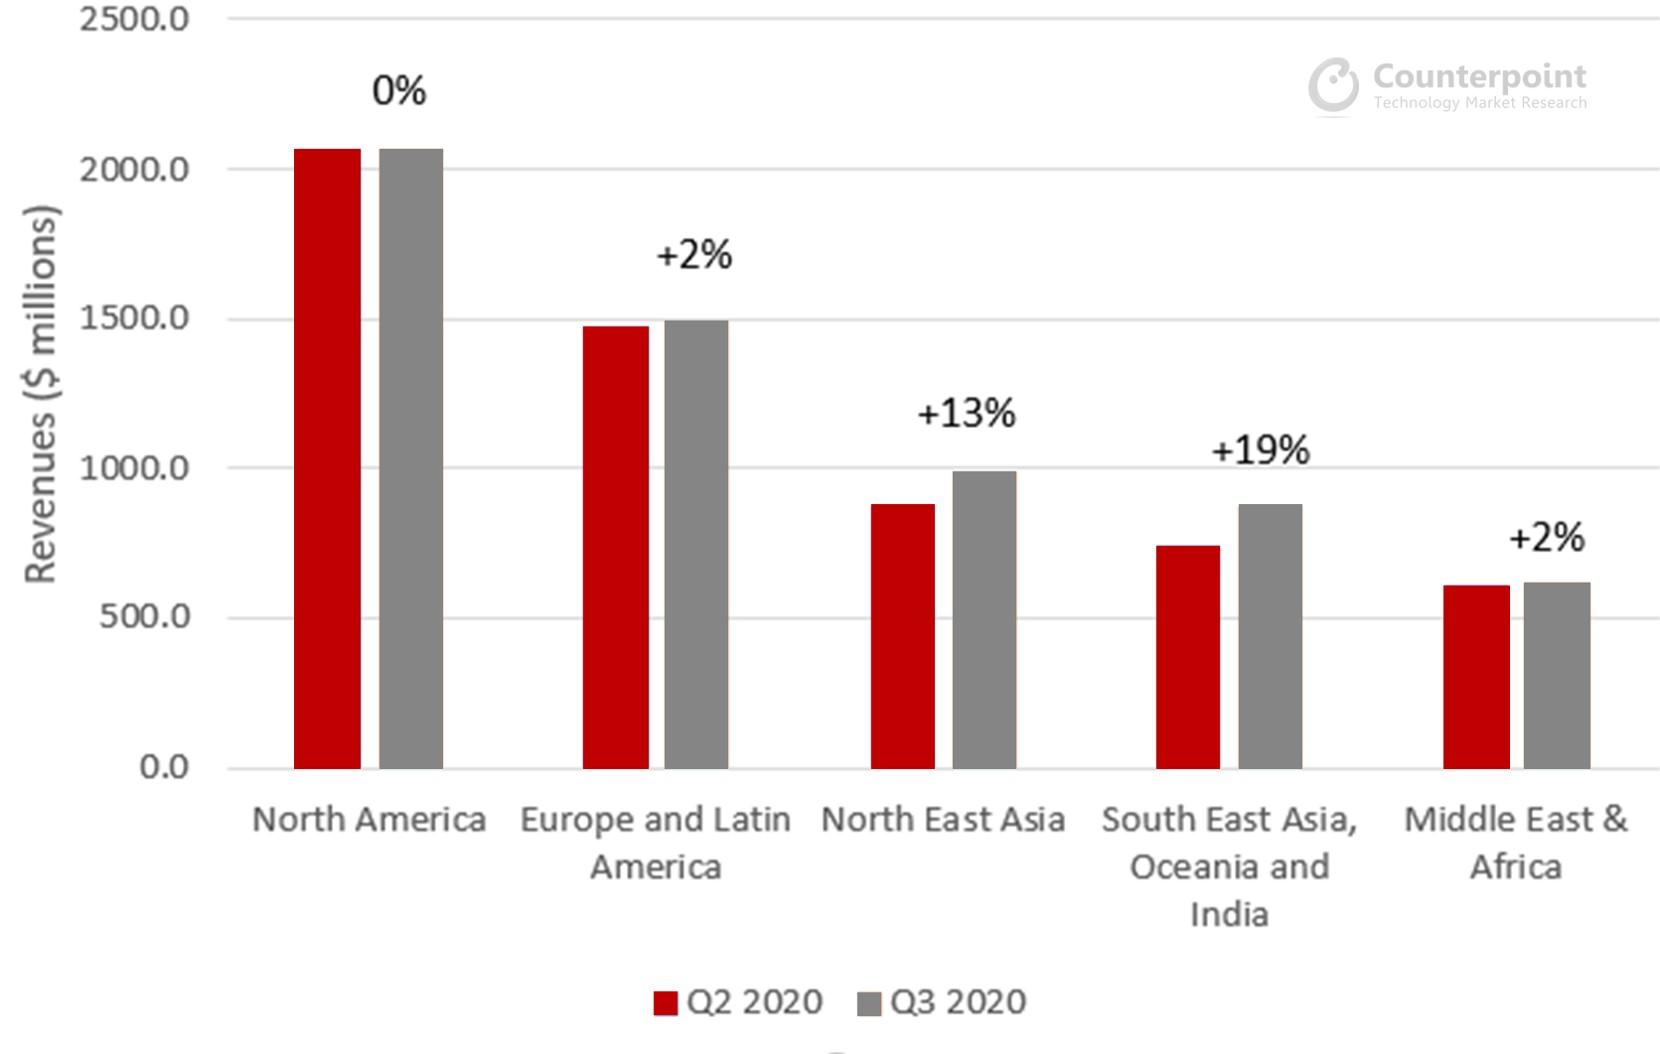 Ericsson Q2 Q3 2020 Revenues by Region